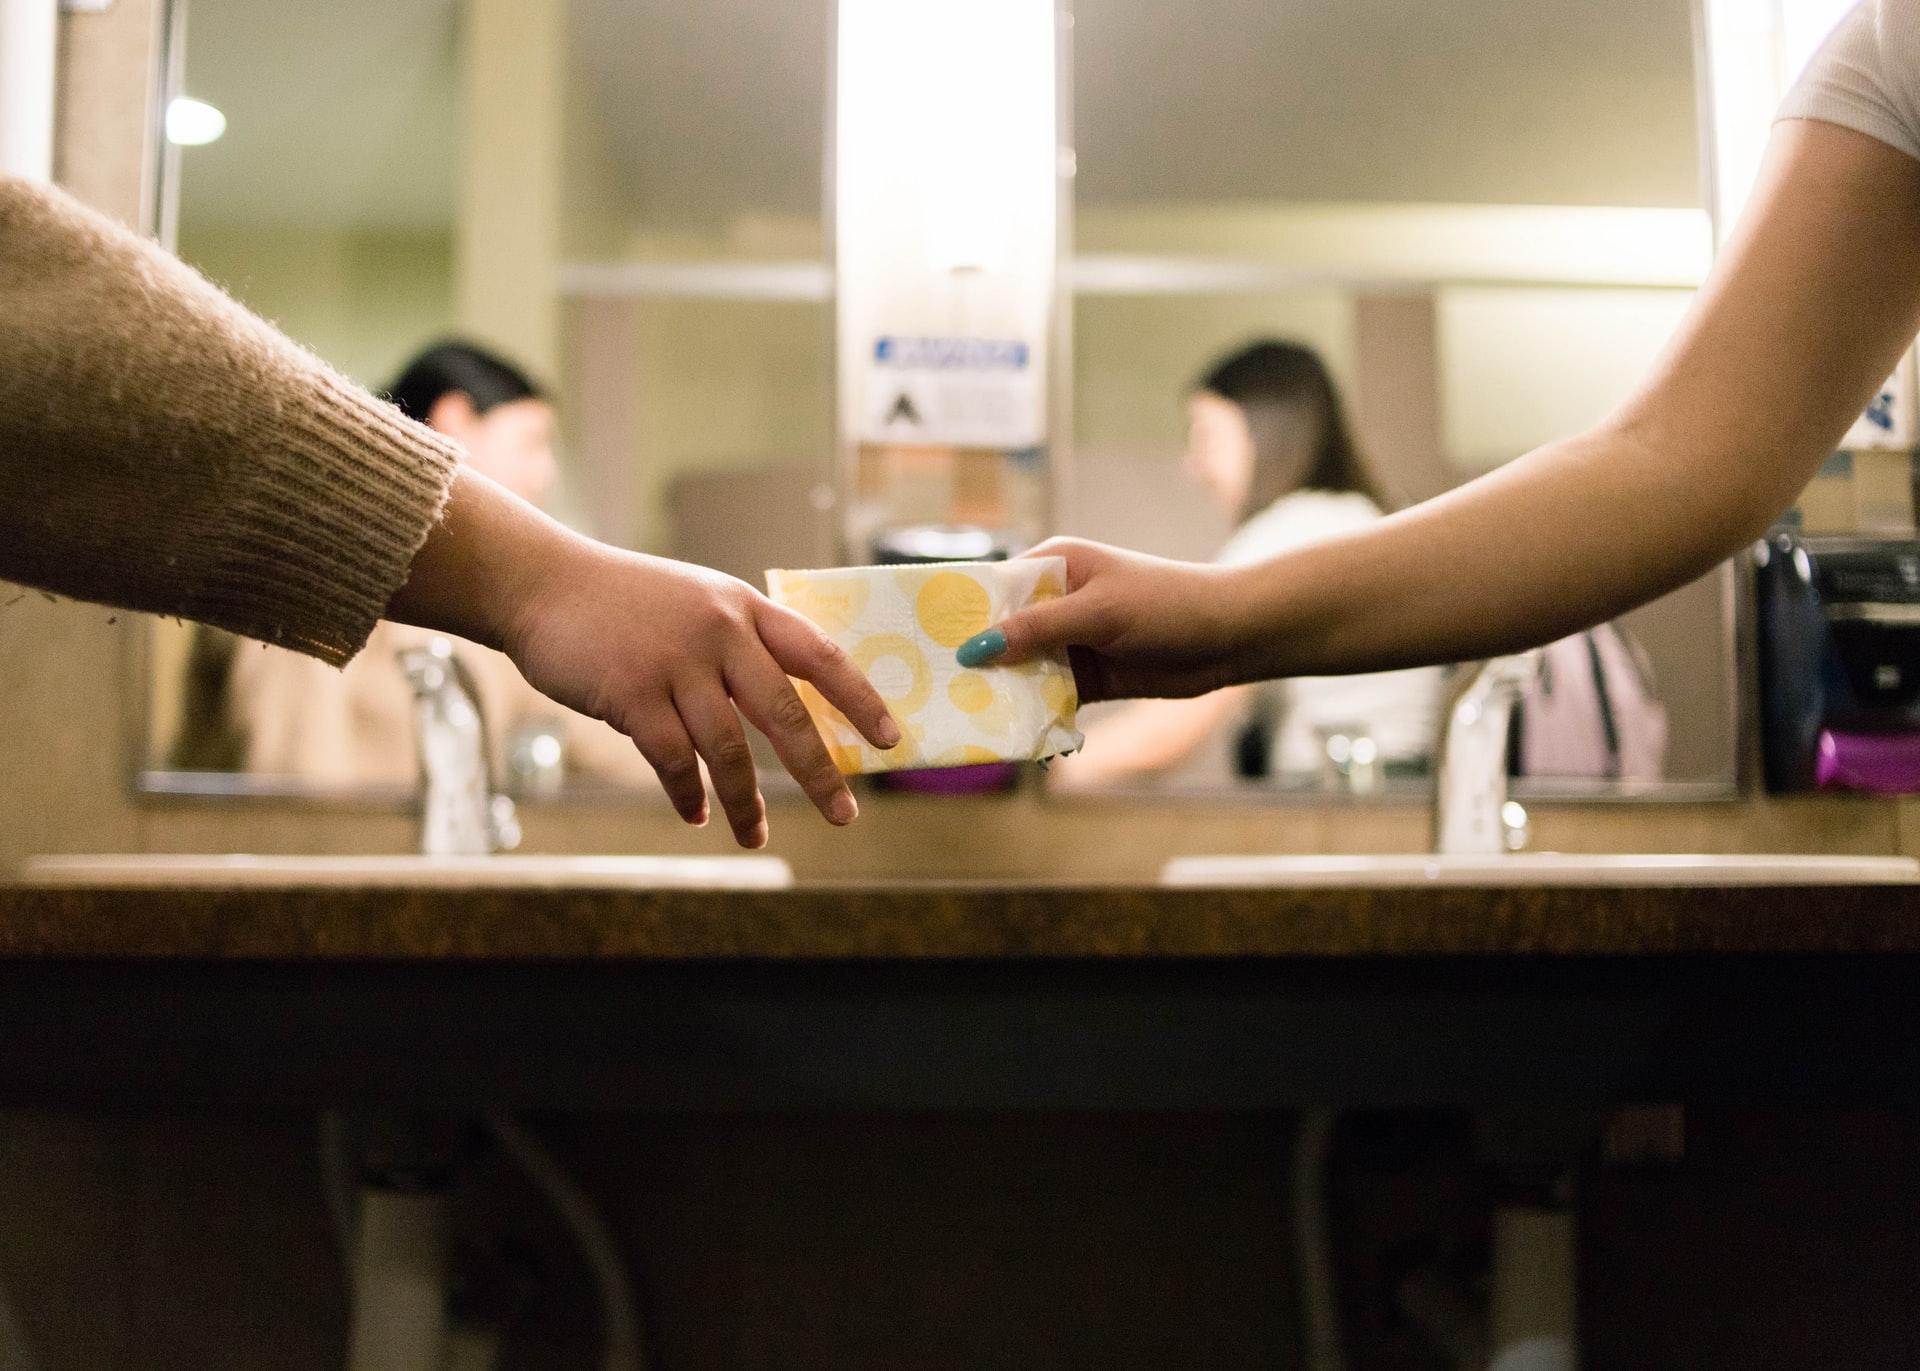 Ca și sexul, menstruația este subiect tabu. După Scoția, Noua Zeelandă oferă gratuit în școli, absorbante și tampoane